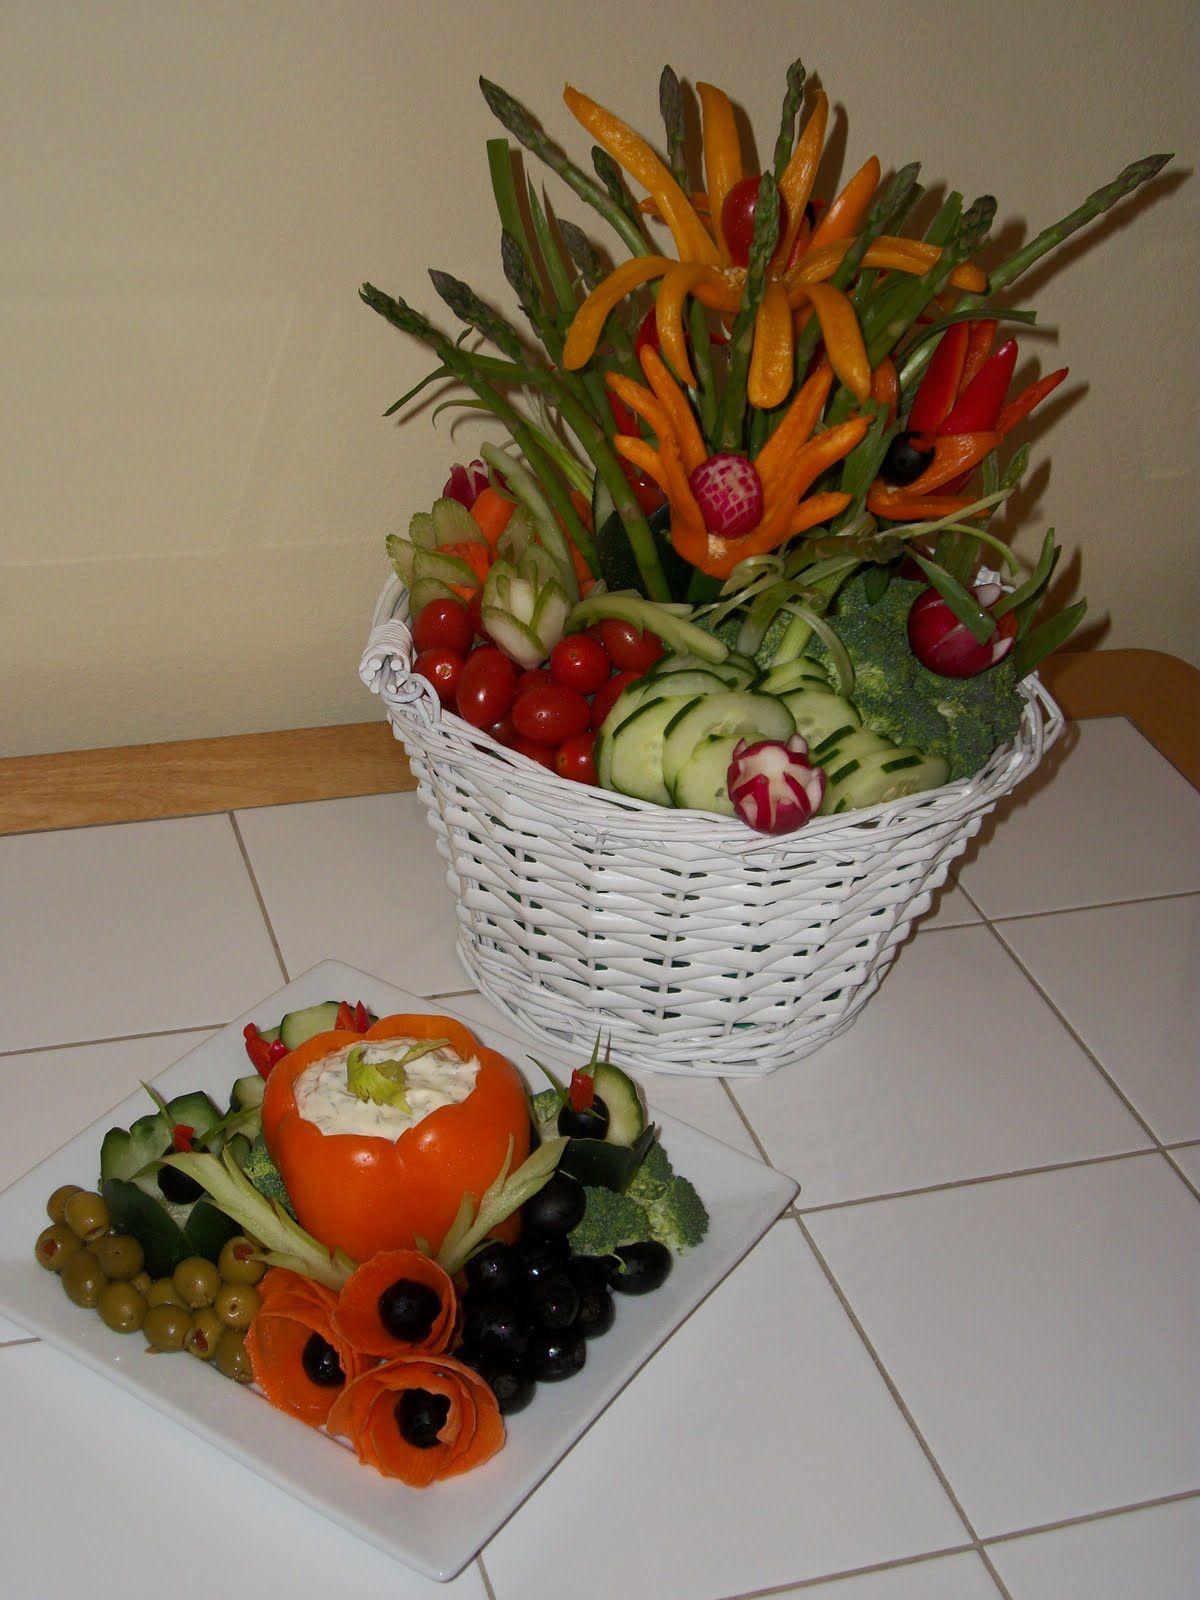 Vegetable bouquet edible arrangements vegetable carving